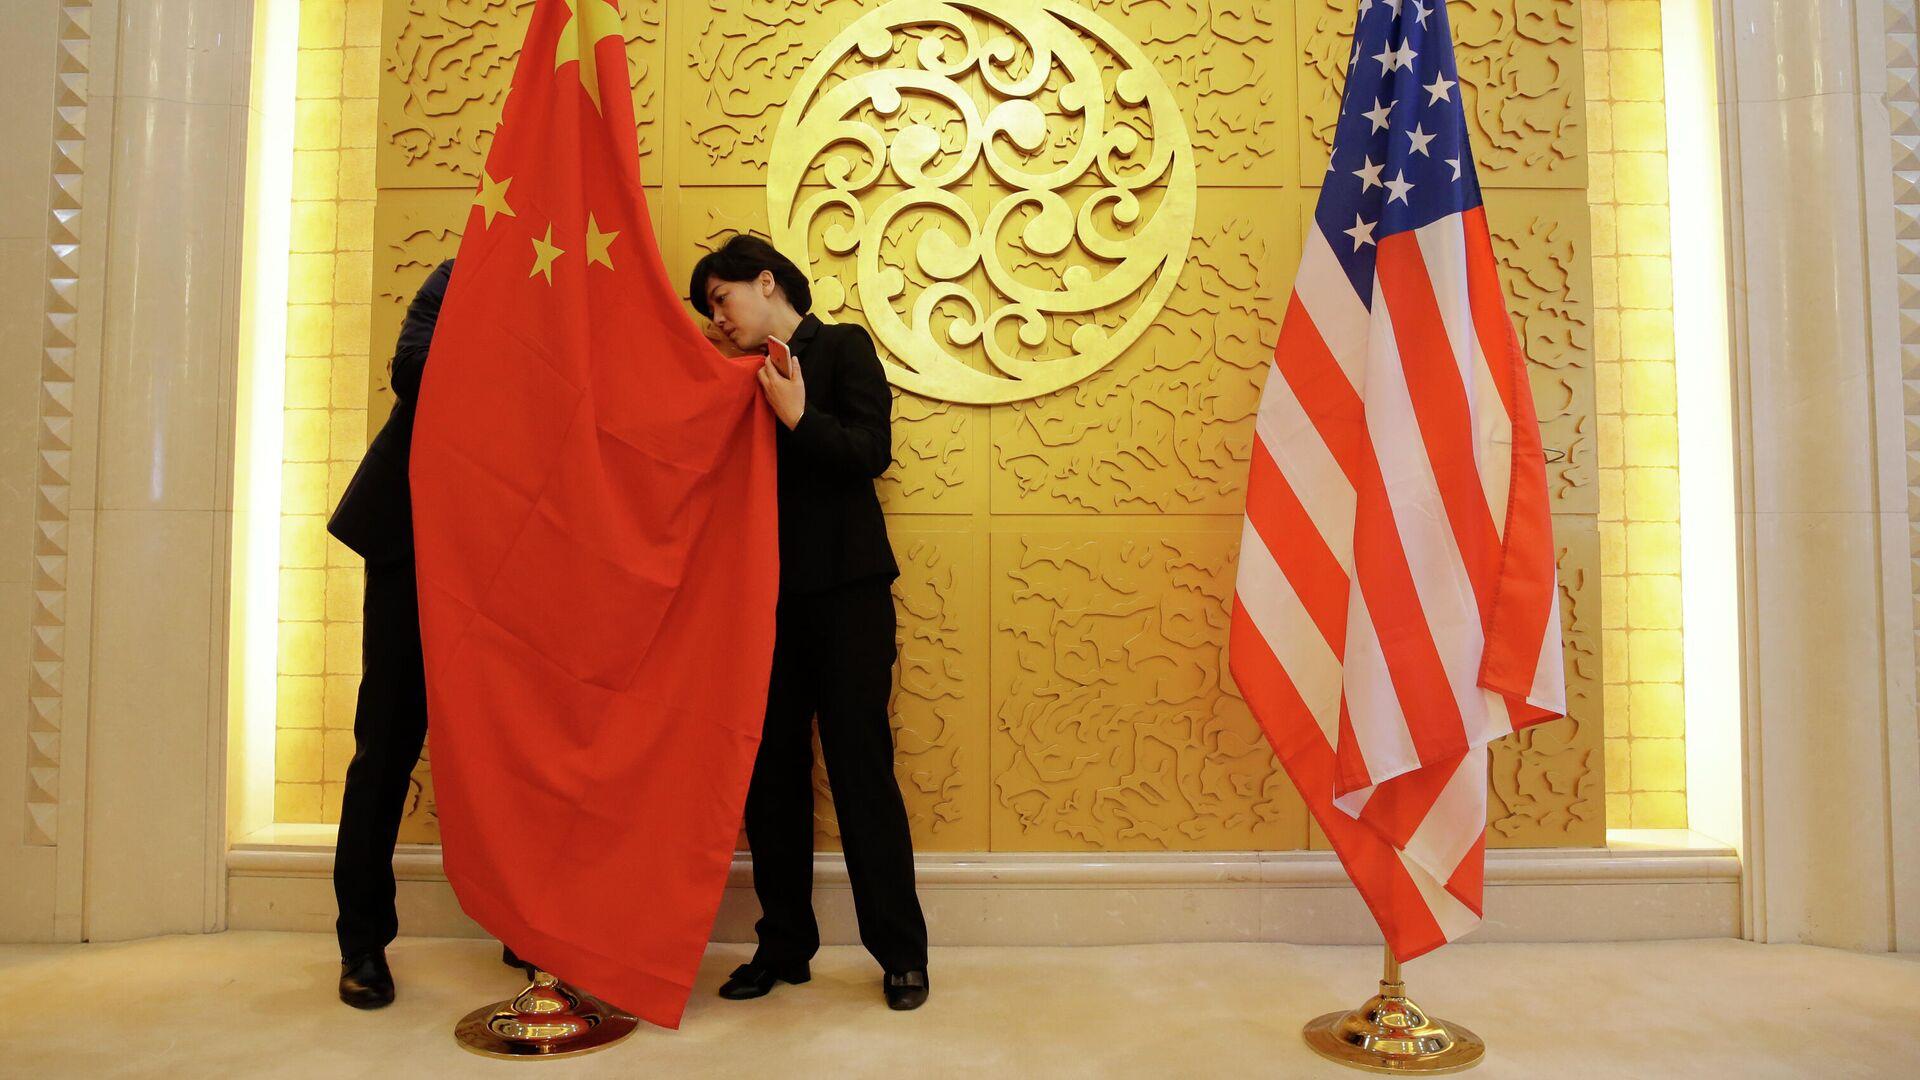 Служащие устанавливают флаг Китая перед встречей министров транспорта КНР и США - РИА Новости, 1920, 24.02.2021